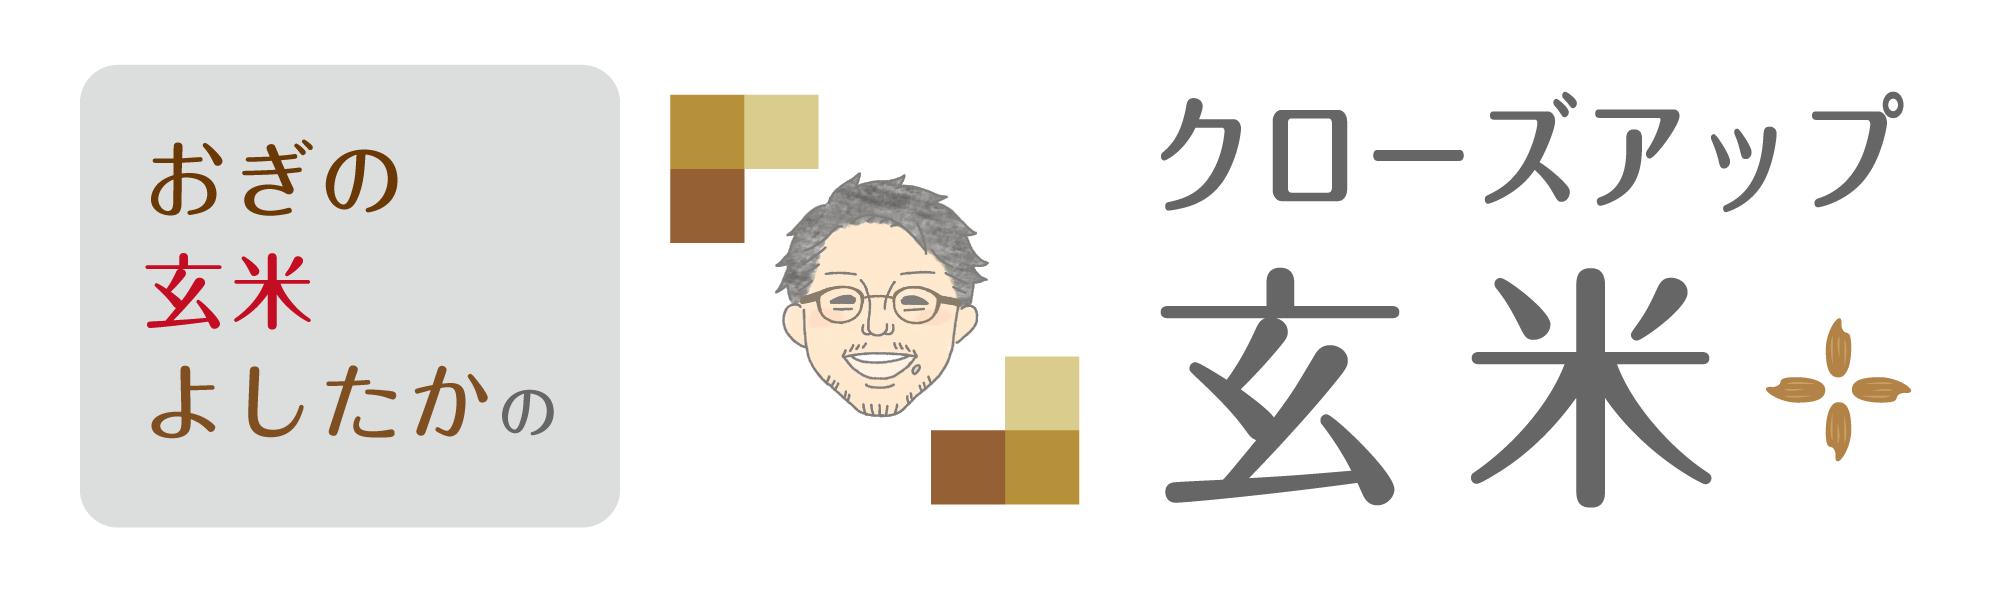 クローズアップ玄米